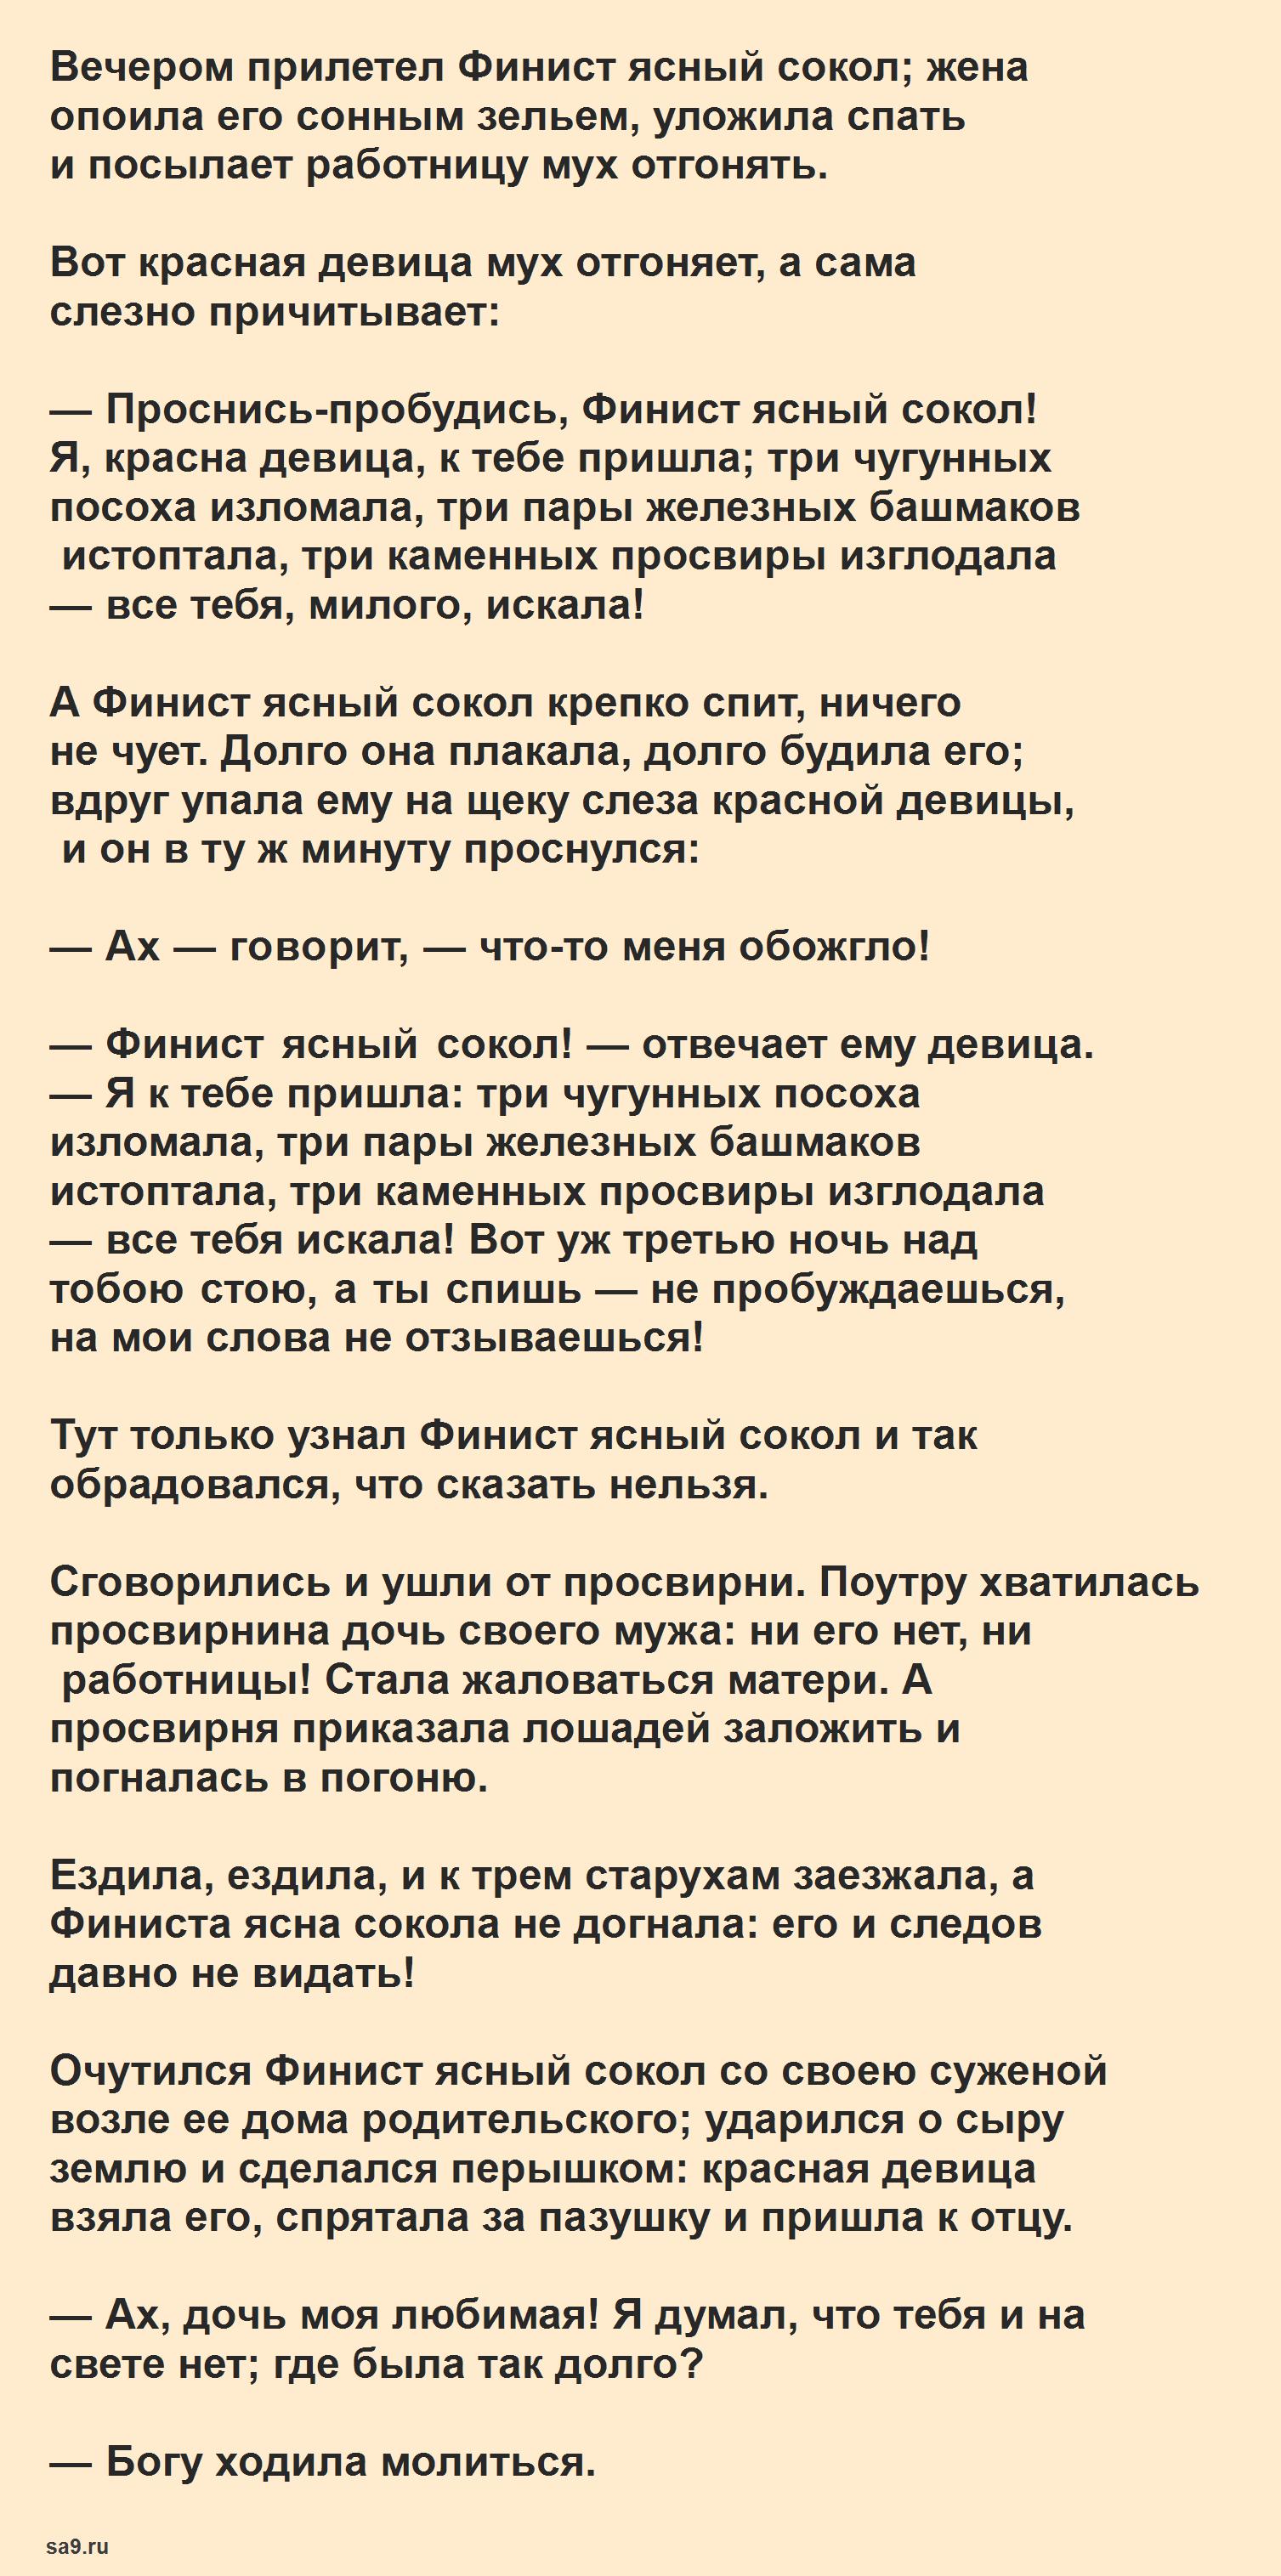 Русская народная сказка - Перышко Финиста, читать онлайн бесплатно